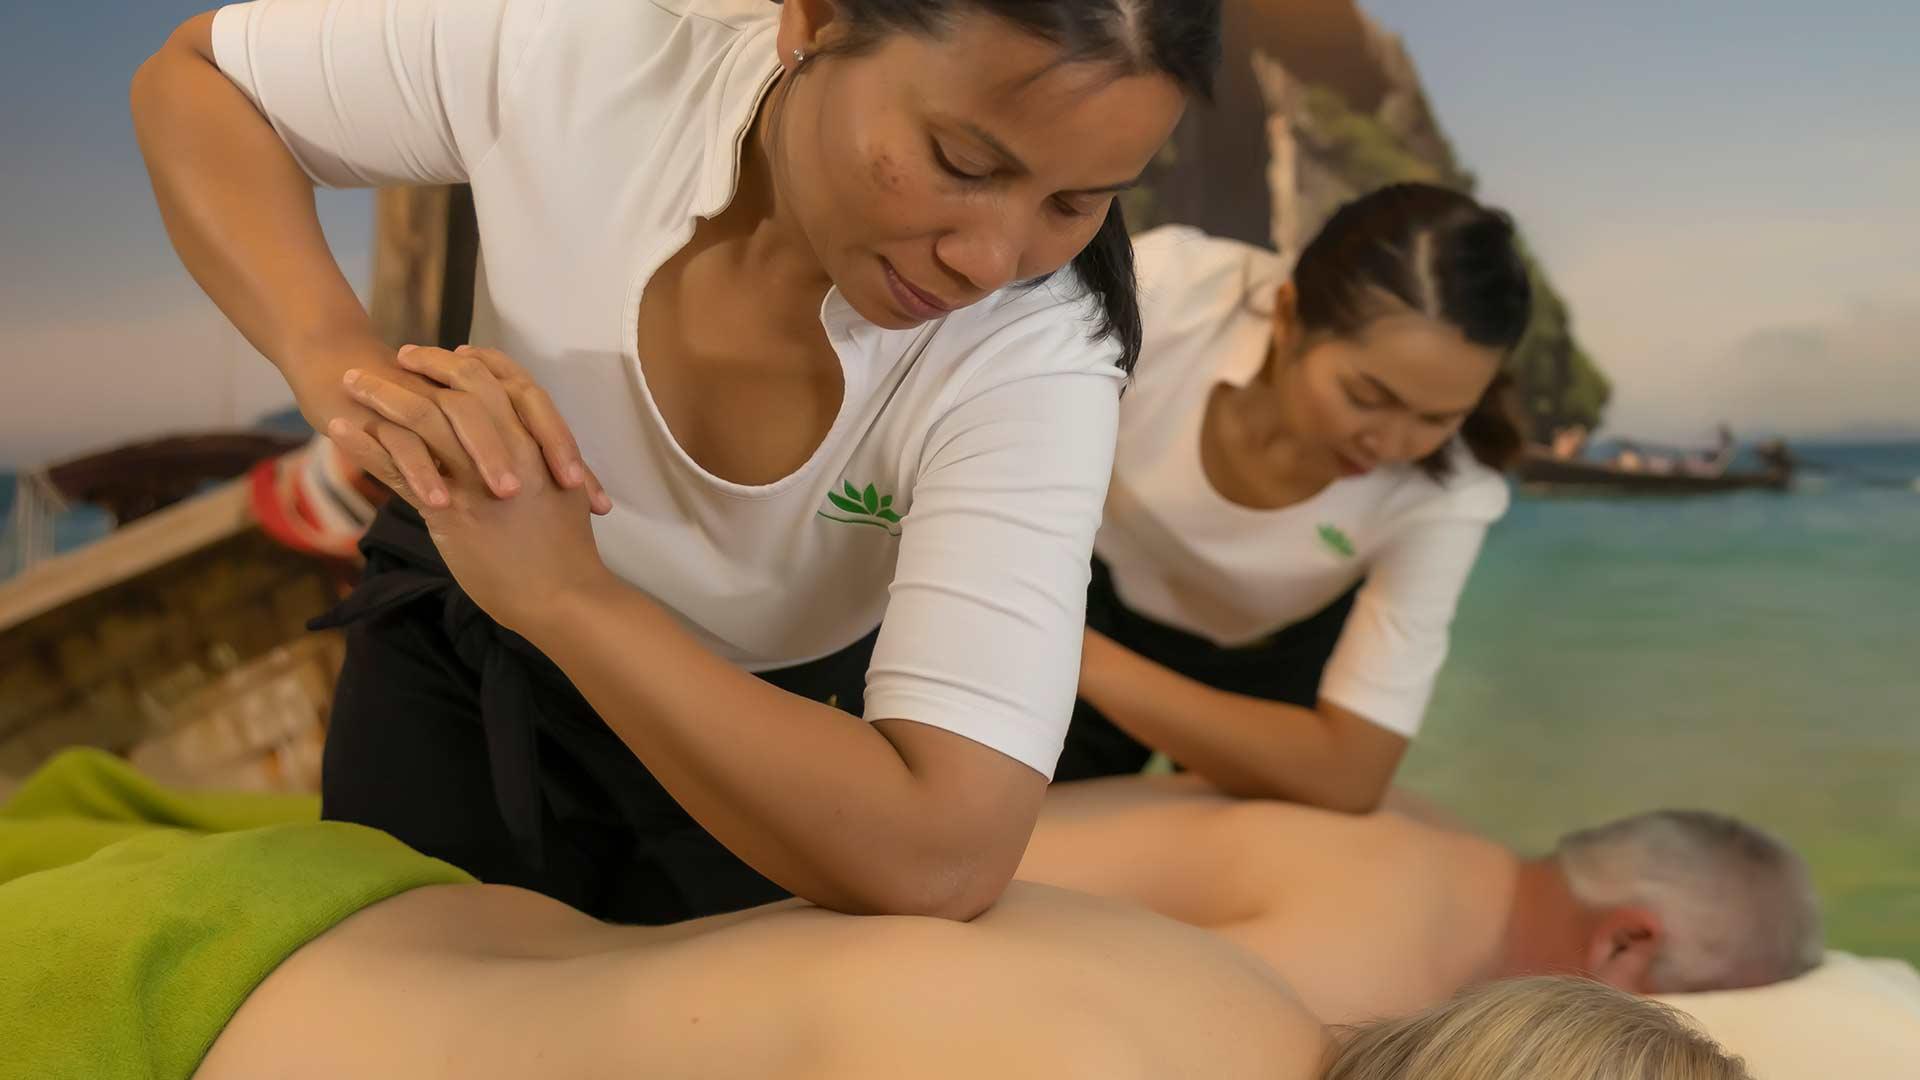 Zwei Masseurinnen drücken den Ellenbogen während der Thaimassage auf die Schulter.